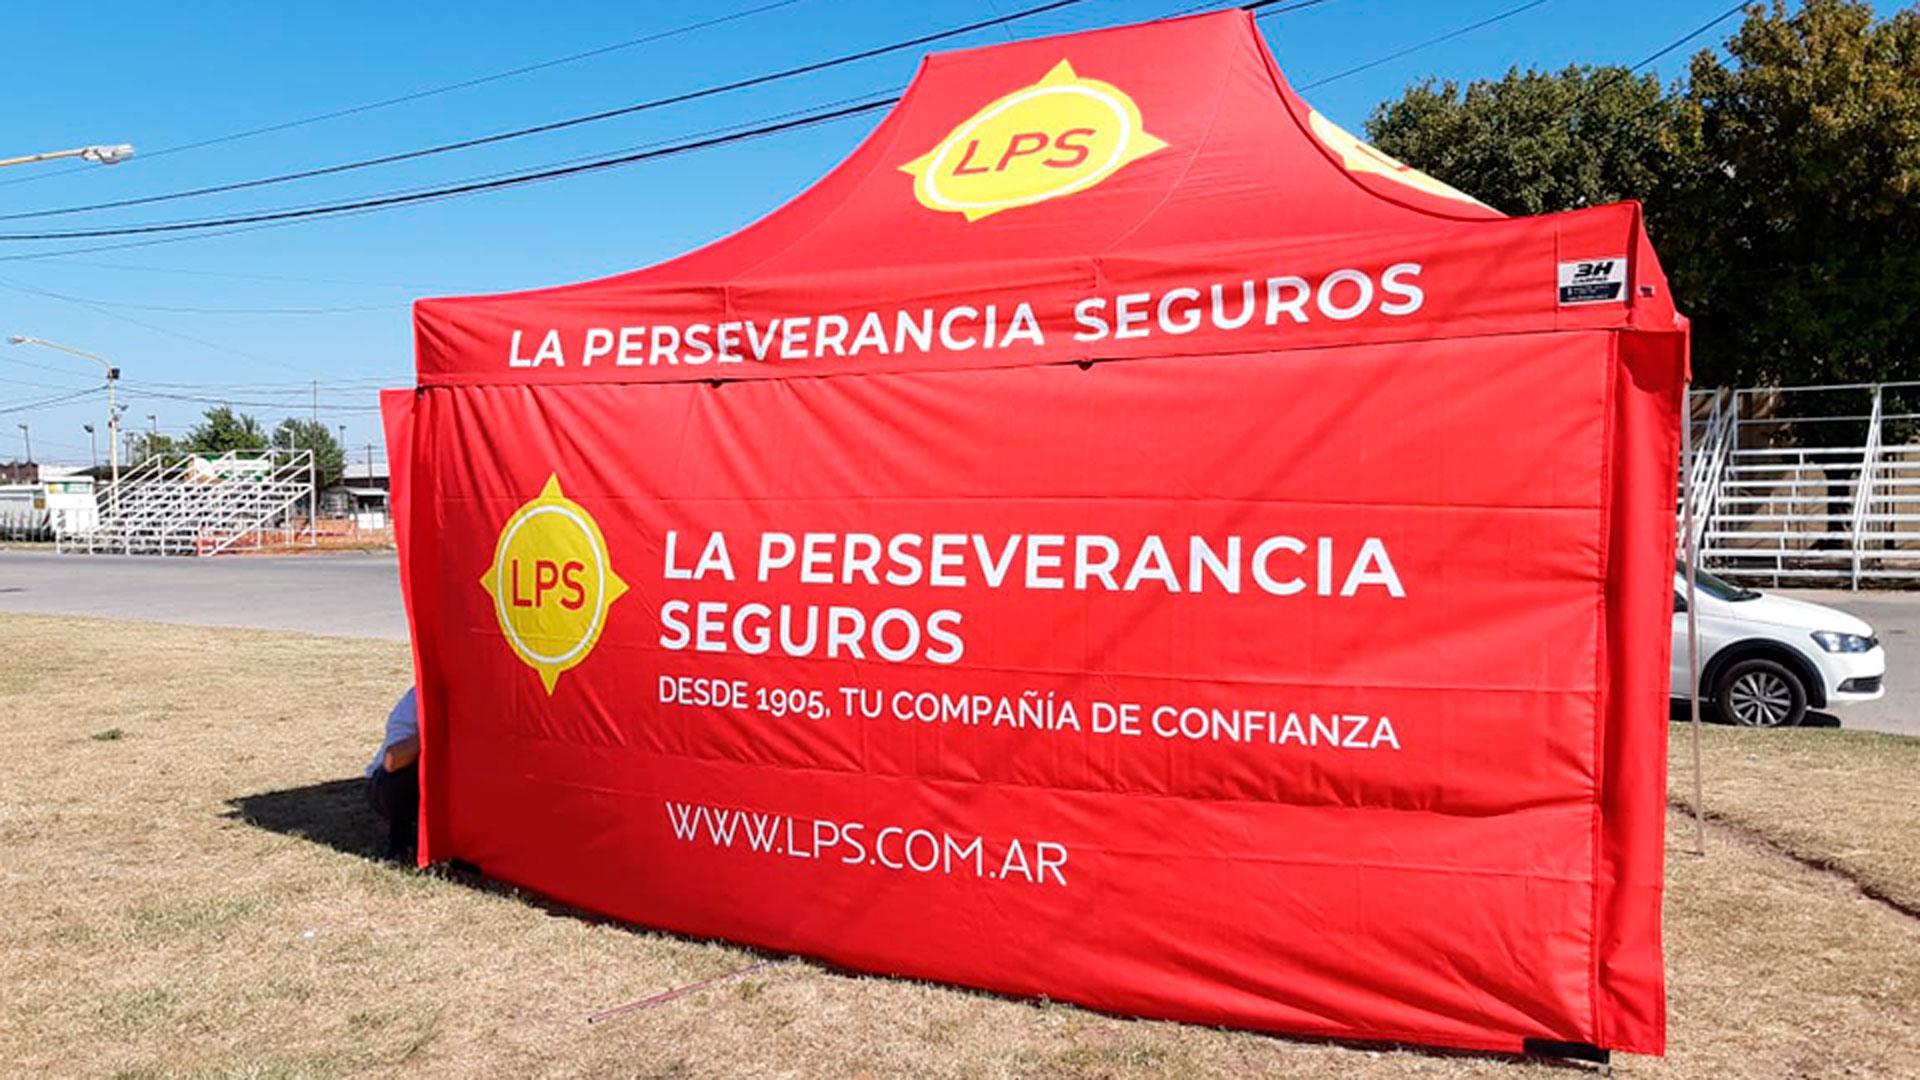 LPS - Fiesta del Trigo Stand